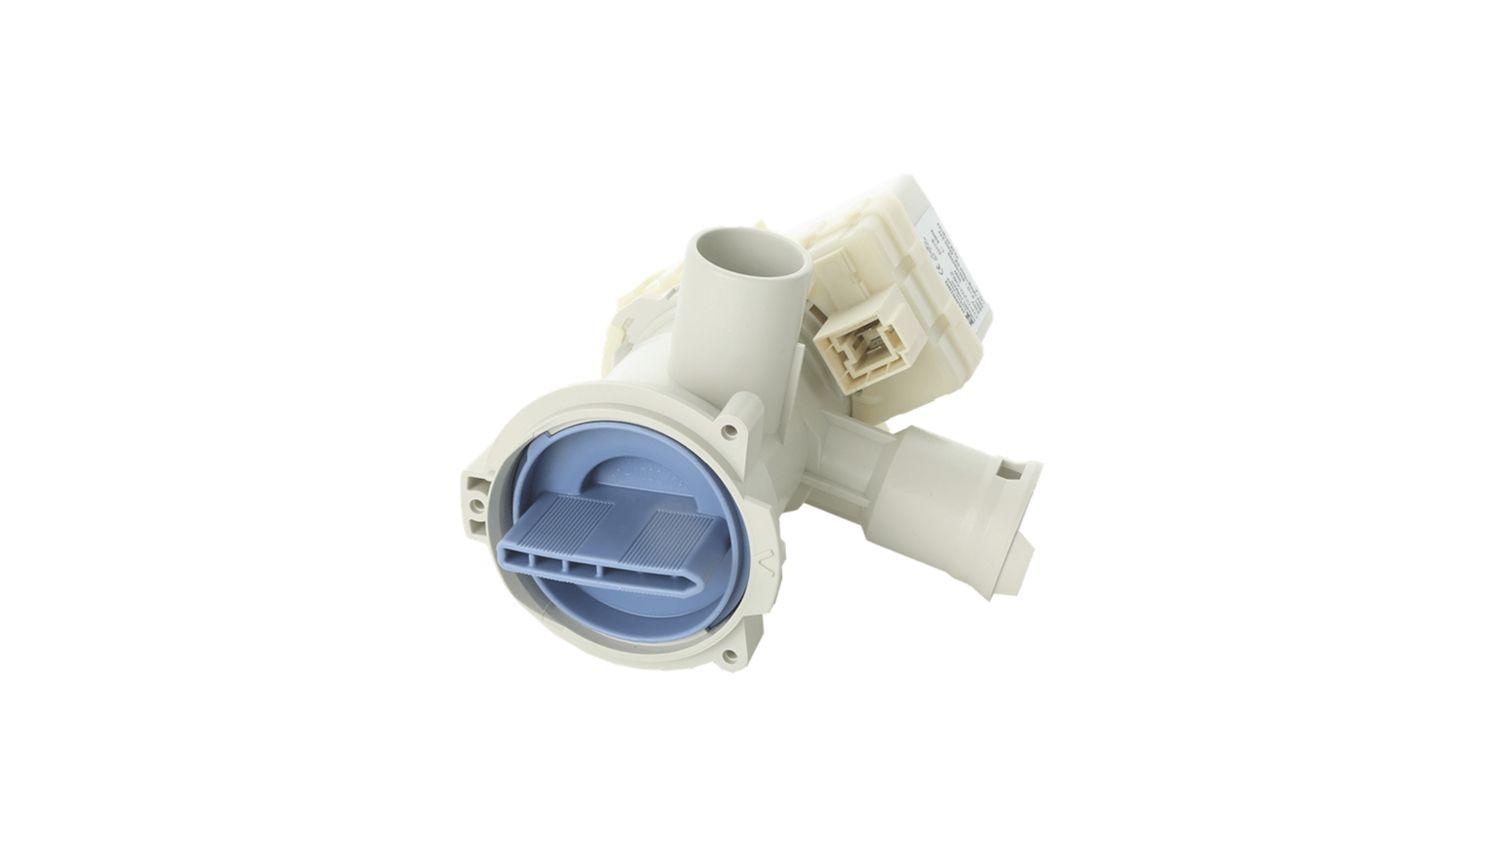 Vypouštěcí čerpadlo praček Bosch Siemens - 00146083 Bosch / Siemens